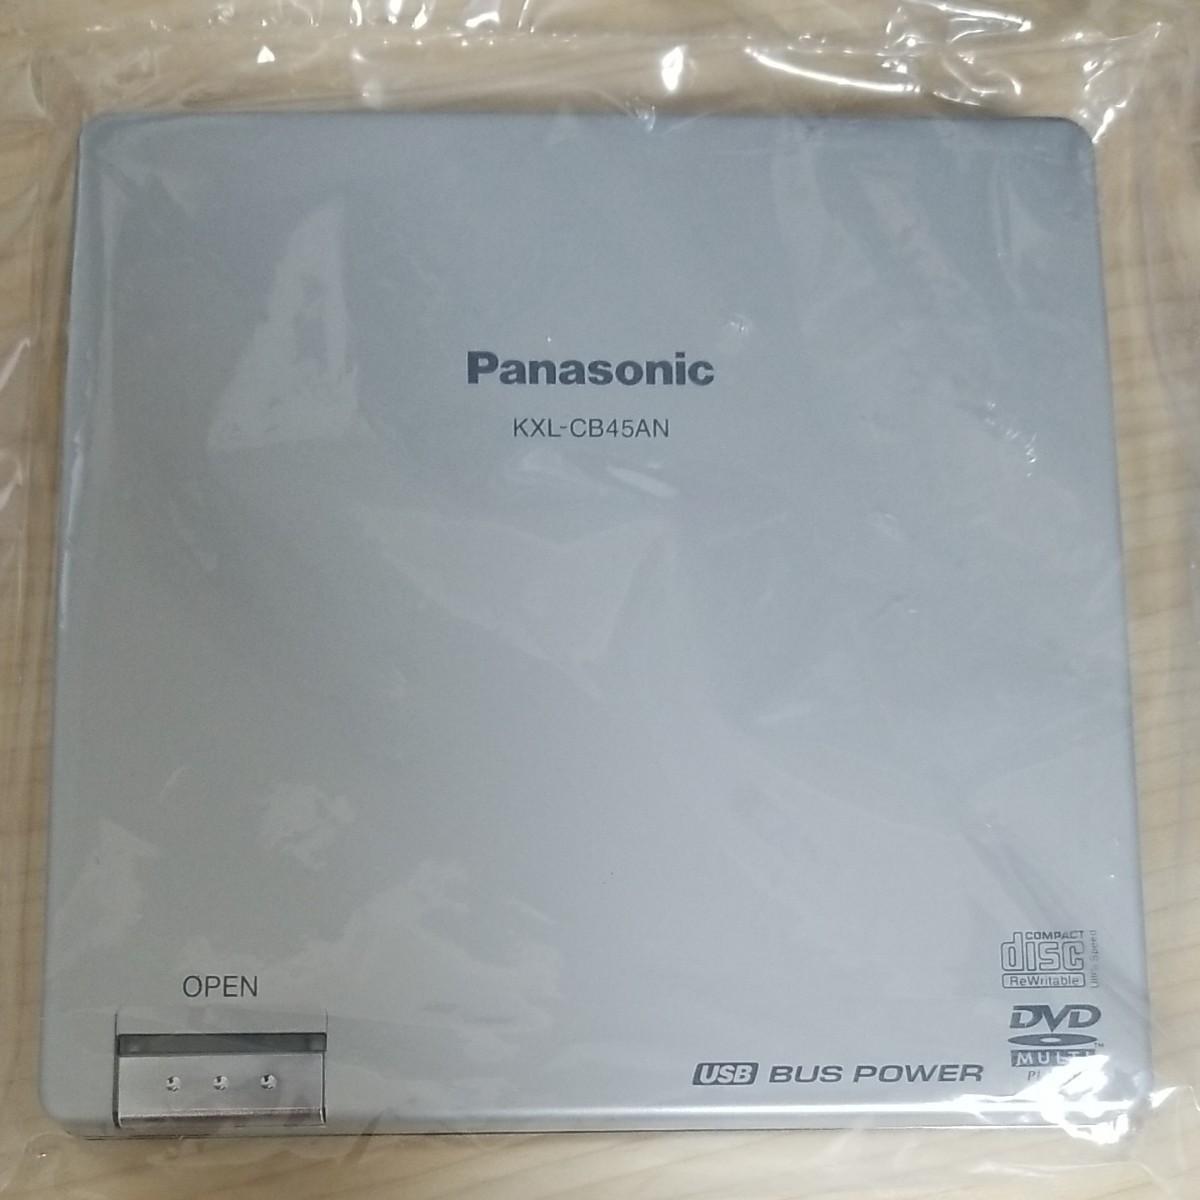 PANASONIC ポータブルDVDROM CDR/RWドライブ KXL-CB45AN  動作確認済 美品 送料無料